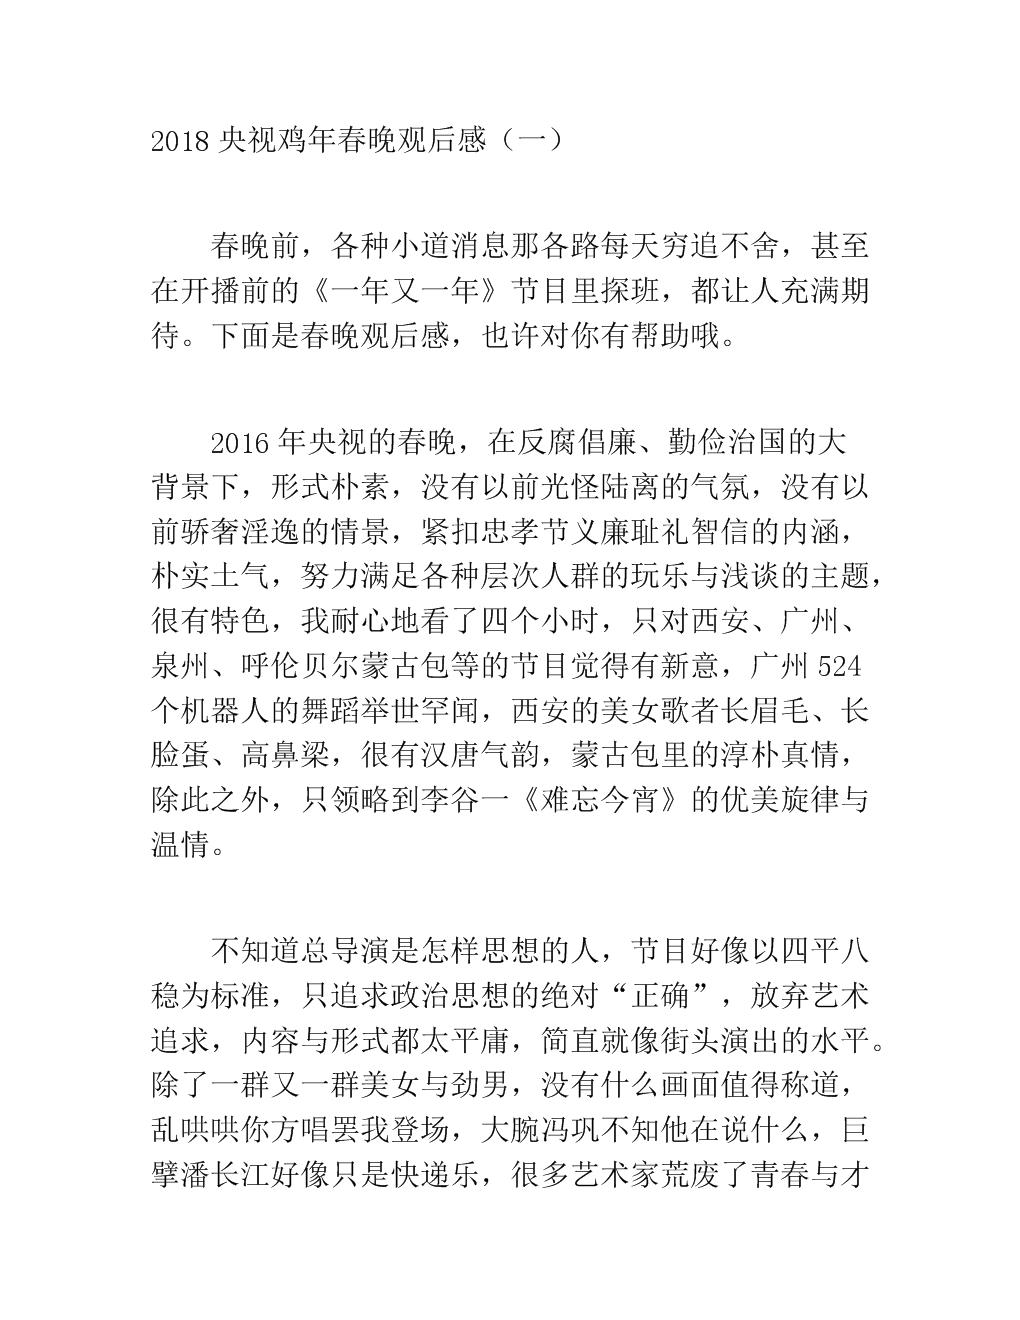 春晚观后感_2018央视鸡年春晚观后感(二).docx